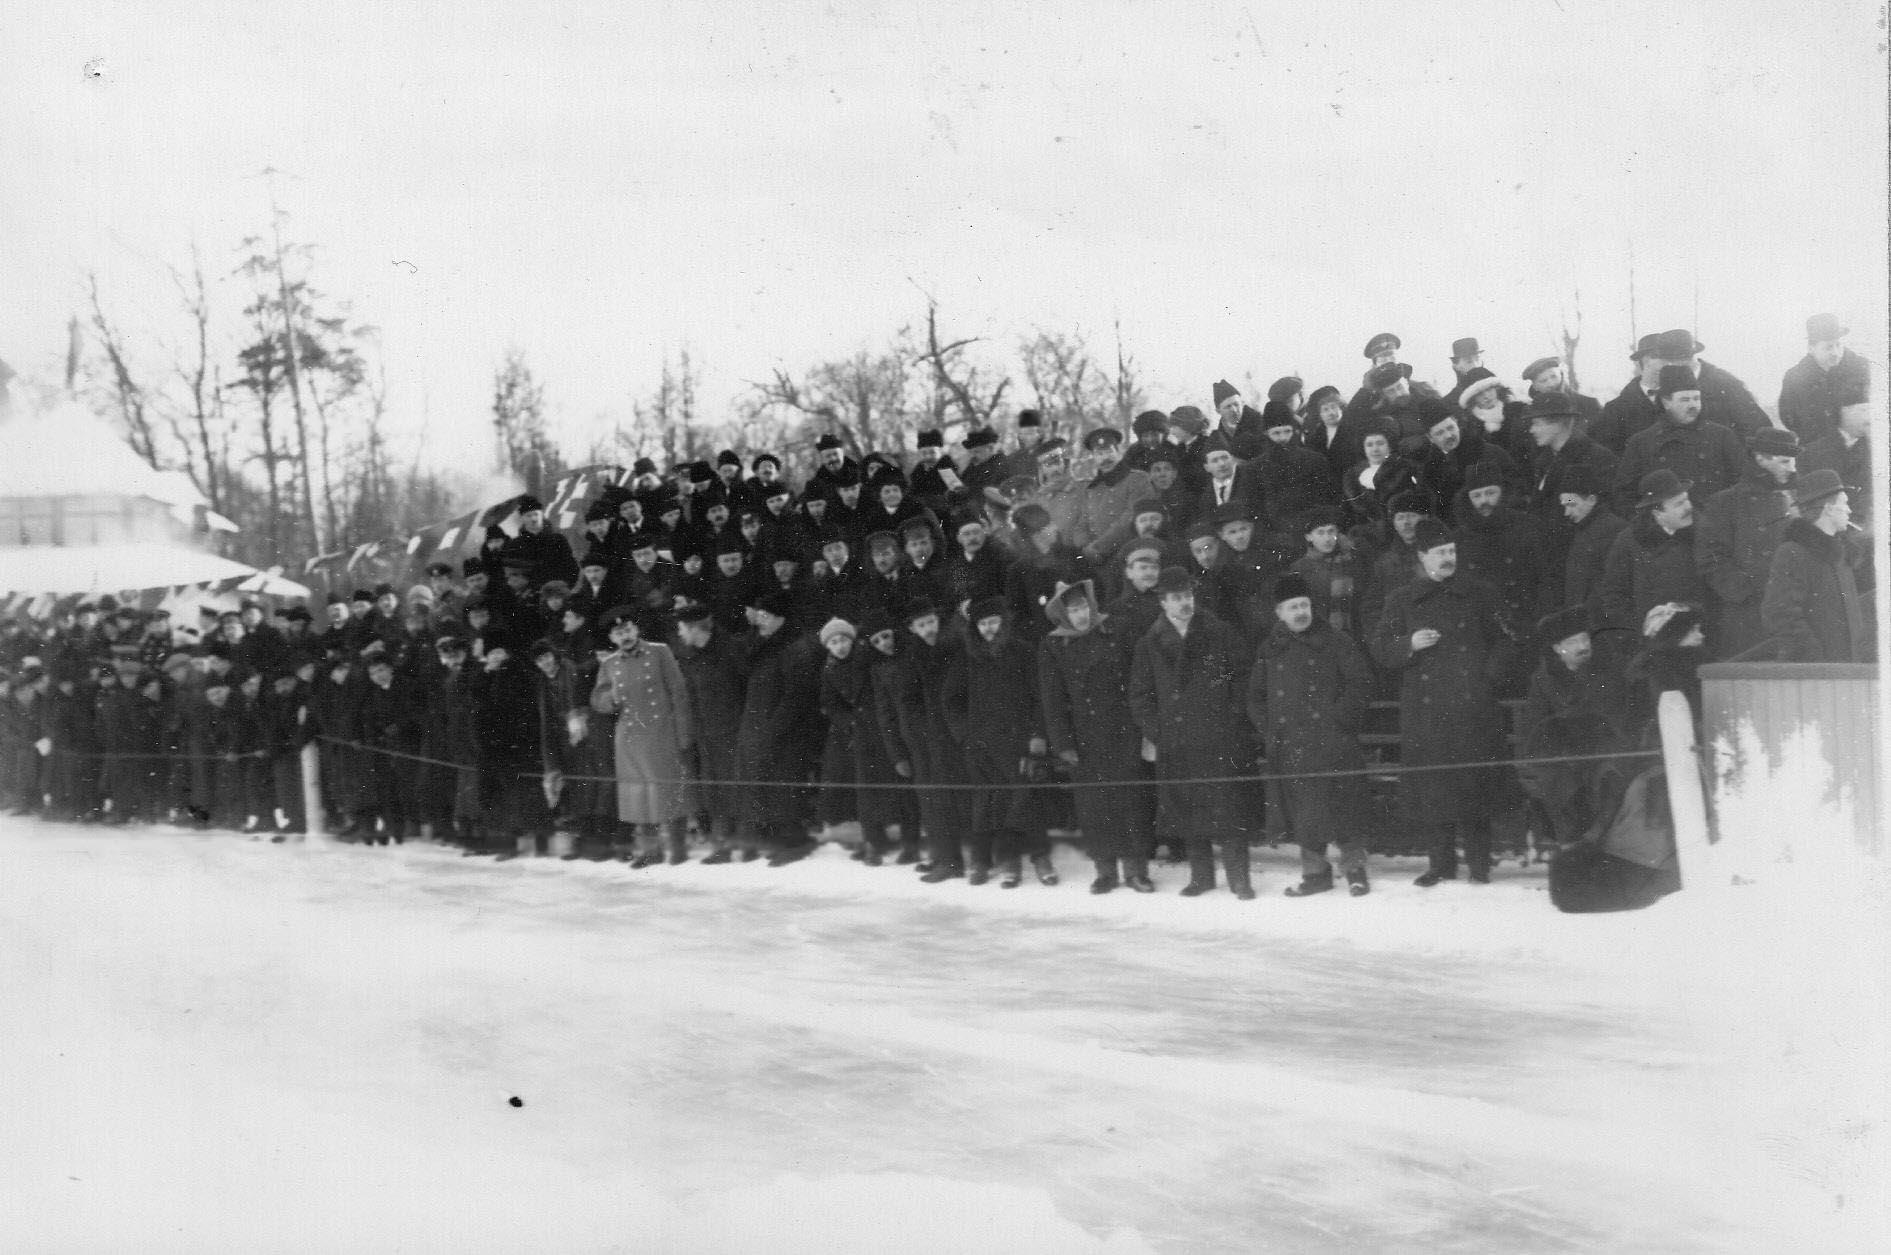 Группа зрителей у беговой дорожки во время соревнований на Крестовском острове. 11 февраля 1913 г.